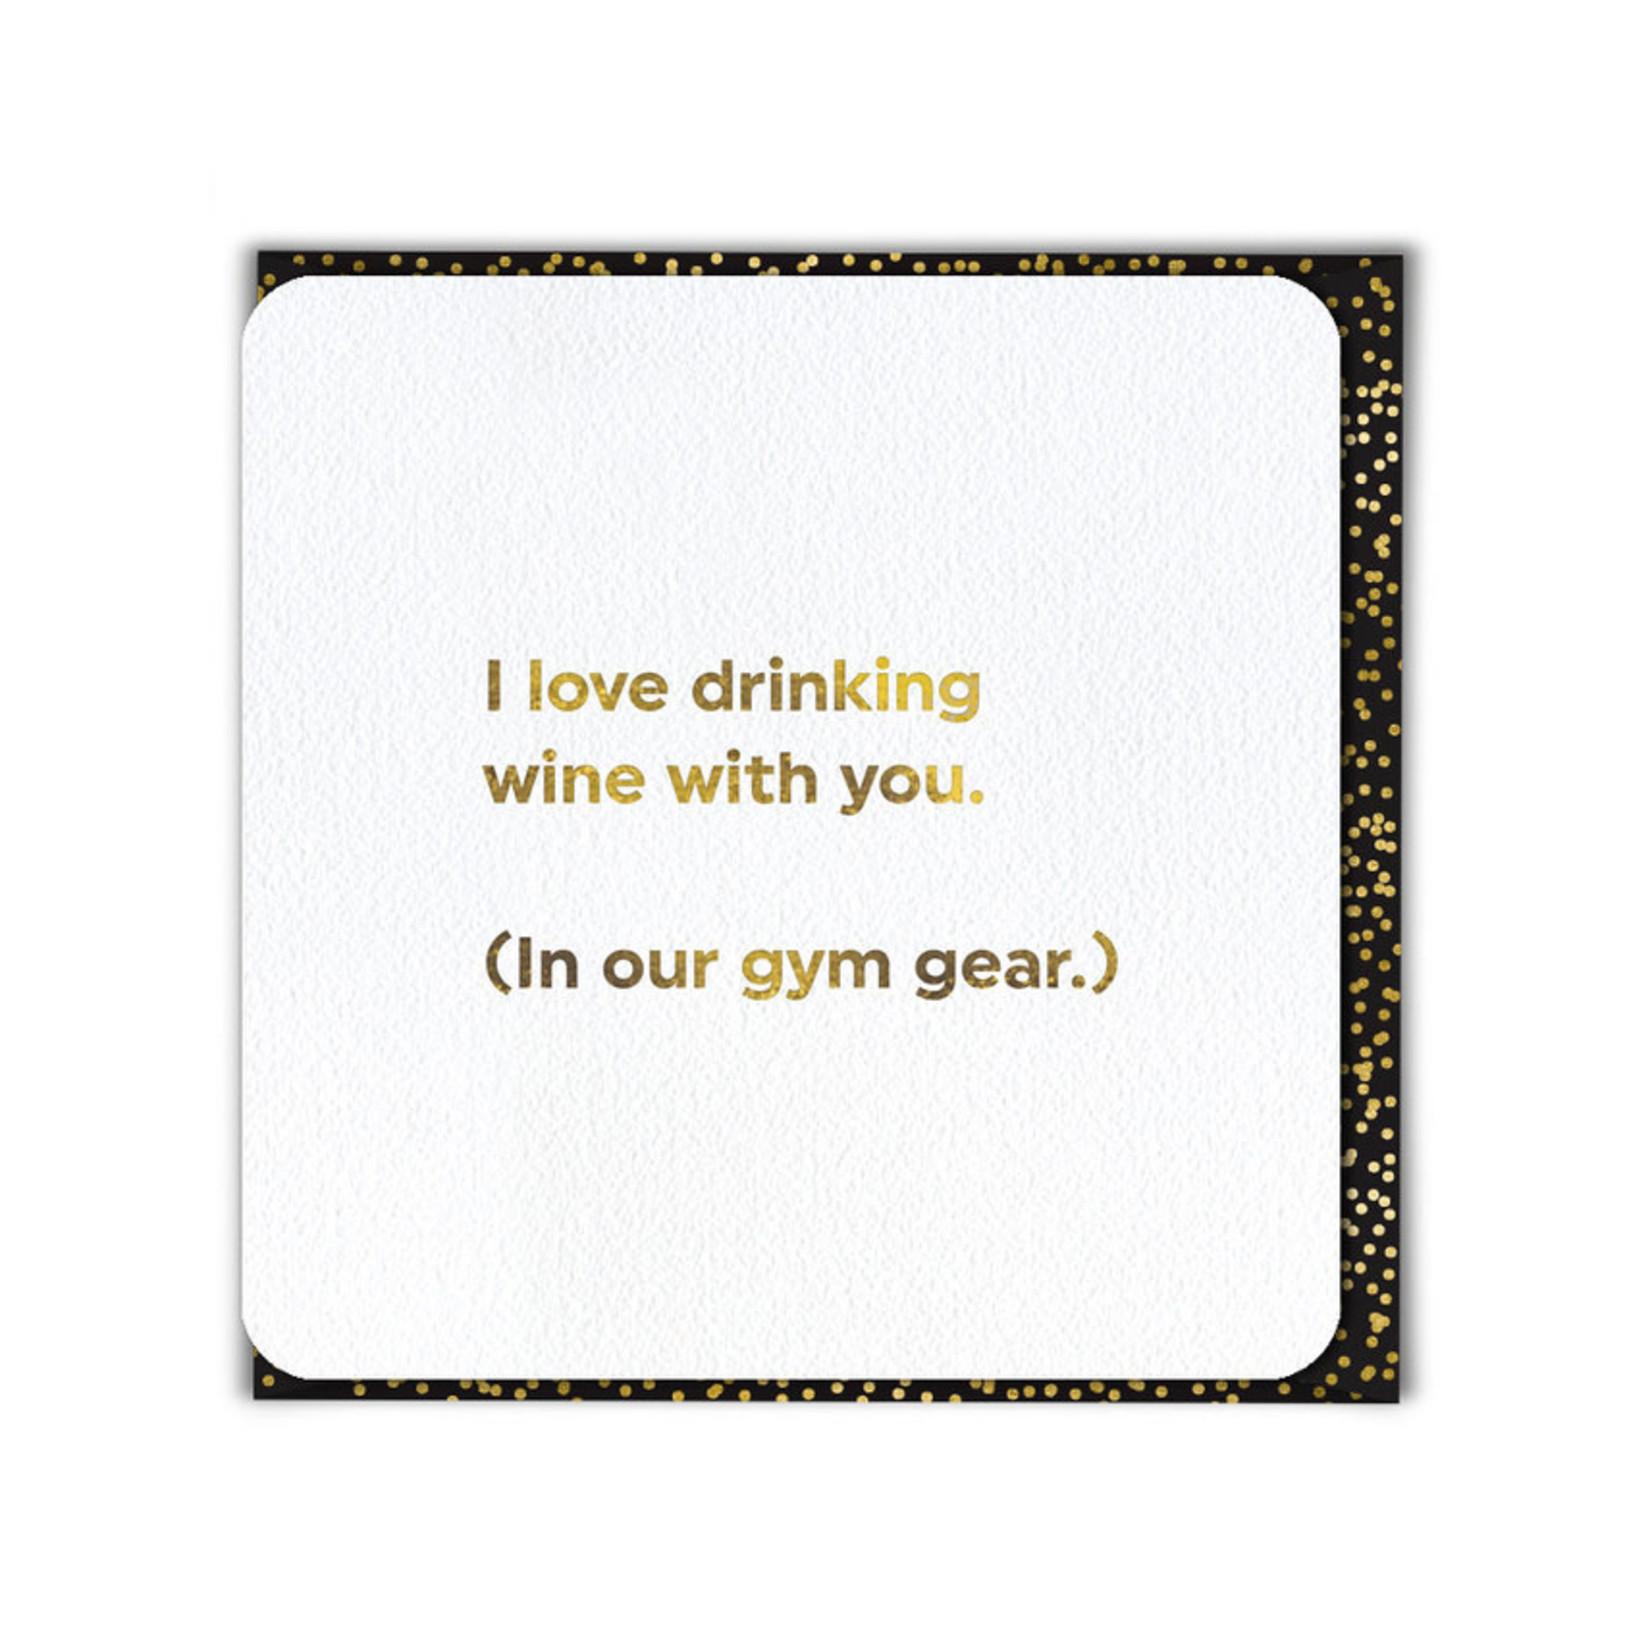 Brainbox Candy Drinking Gym Gear card